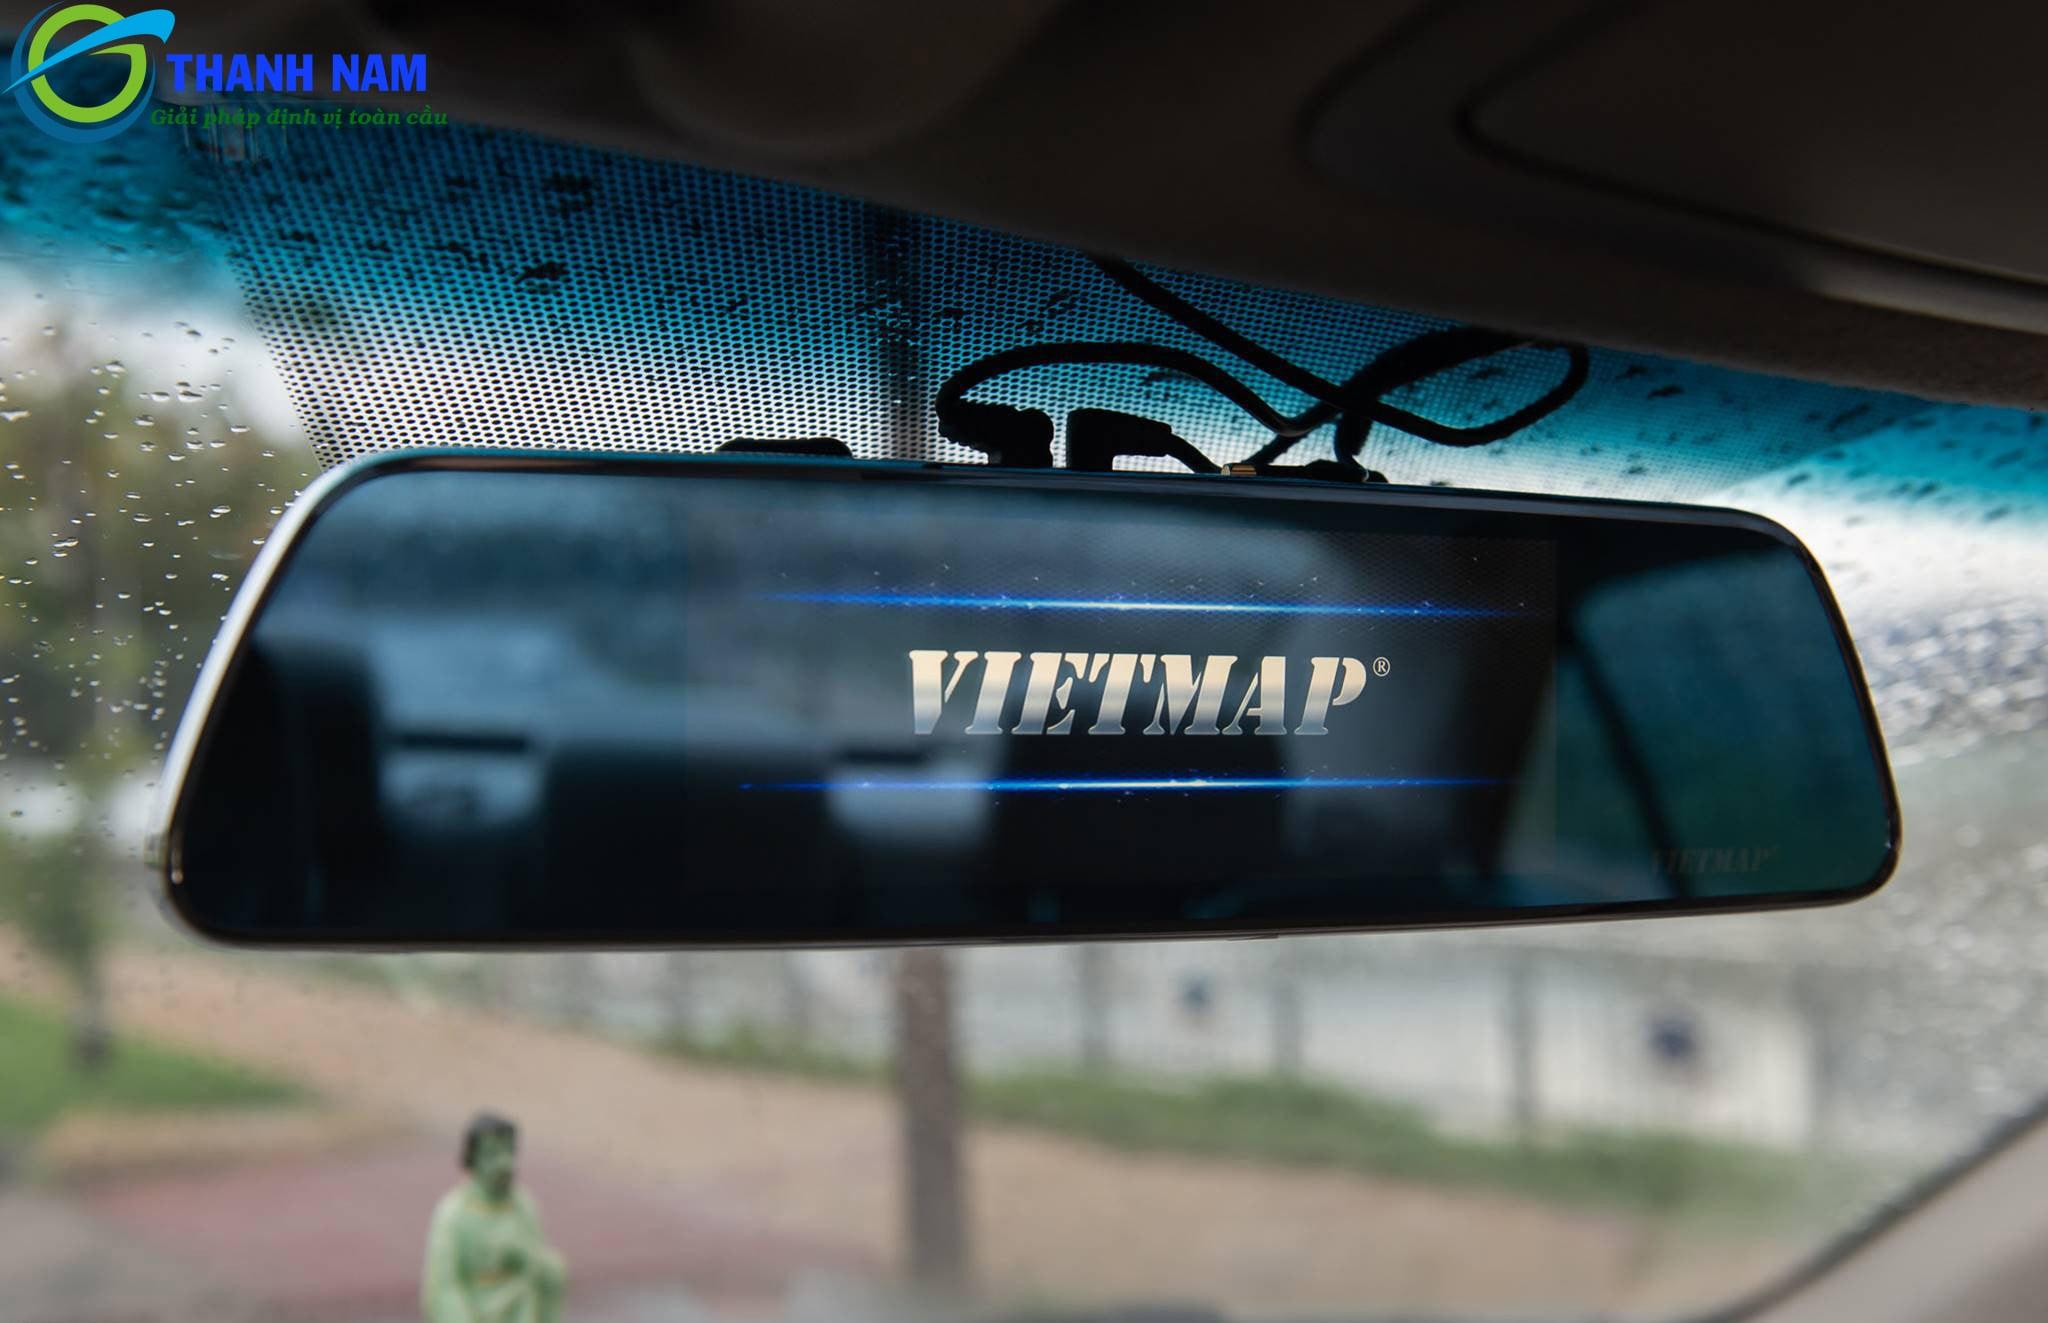 camera hành trình gương - chỉ dẫn đường thông minh Vietmap P1